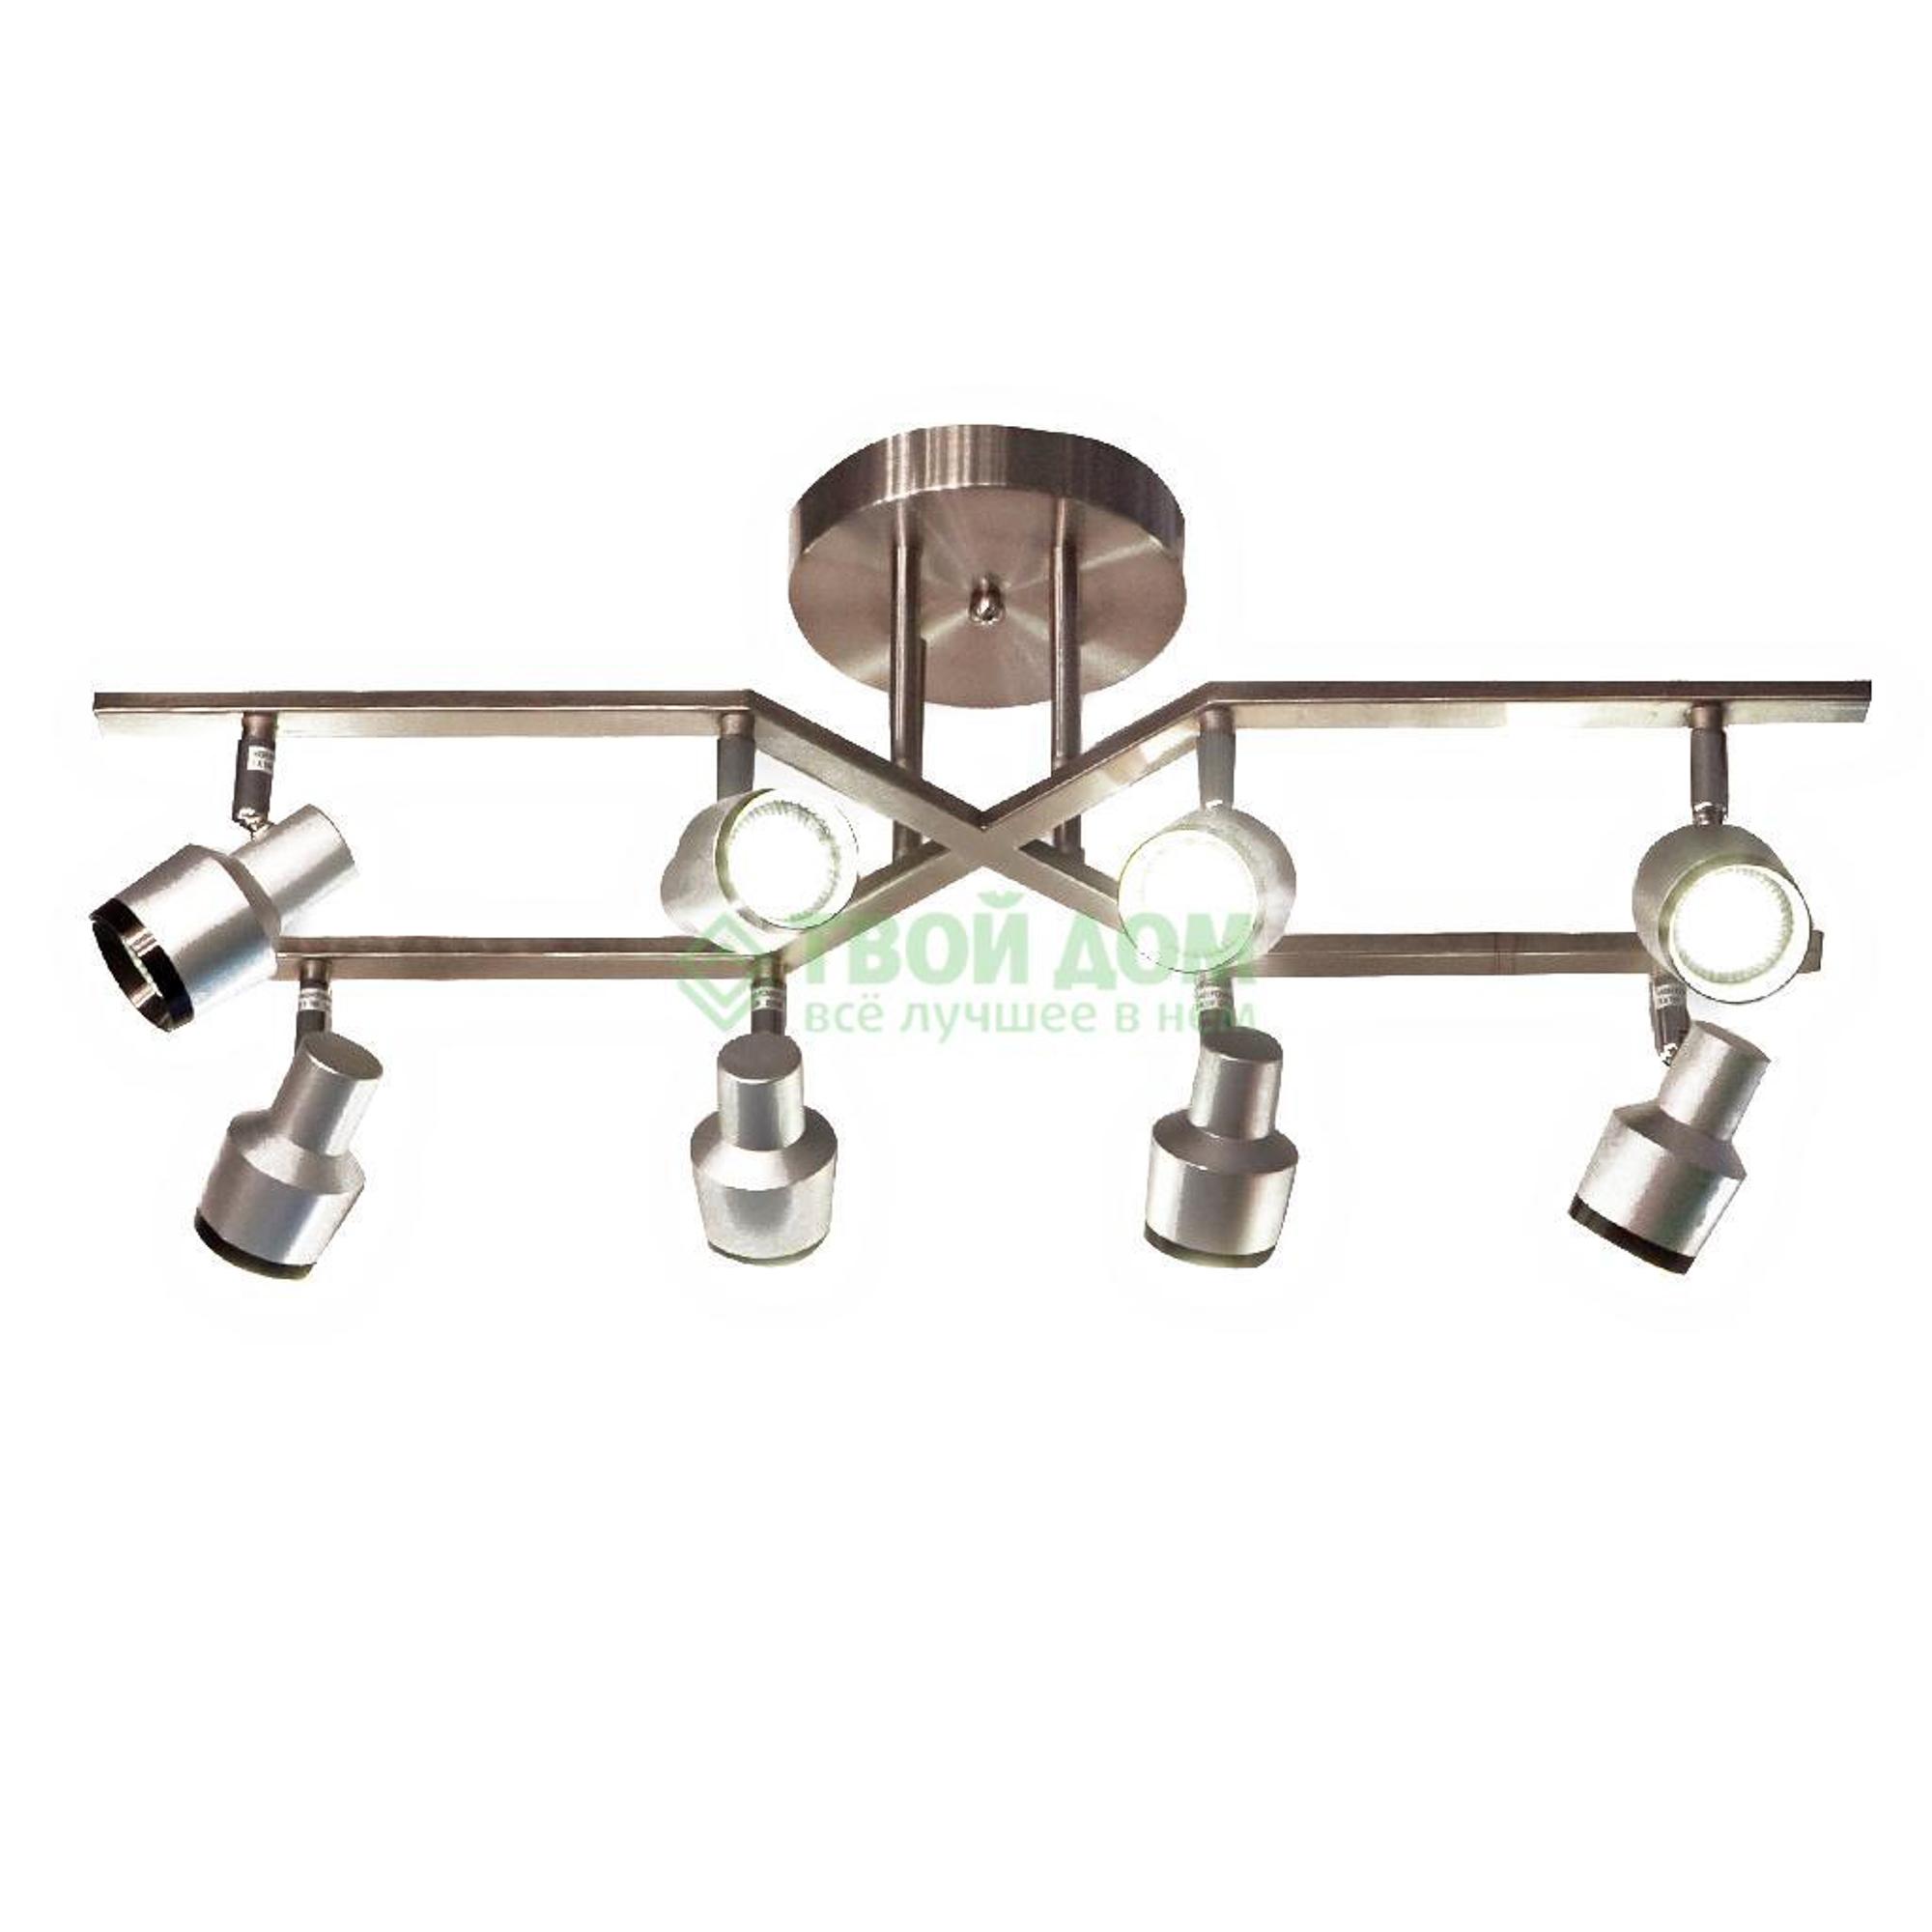 Люстра потолочная Guoguan Lighting потолочная серебр./бронз. MG91082-8